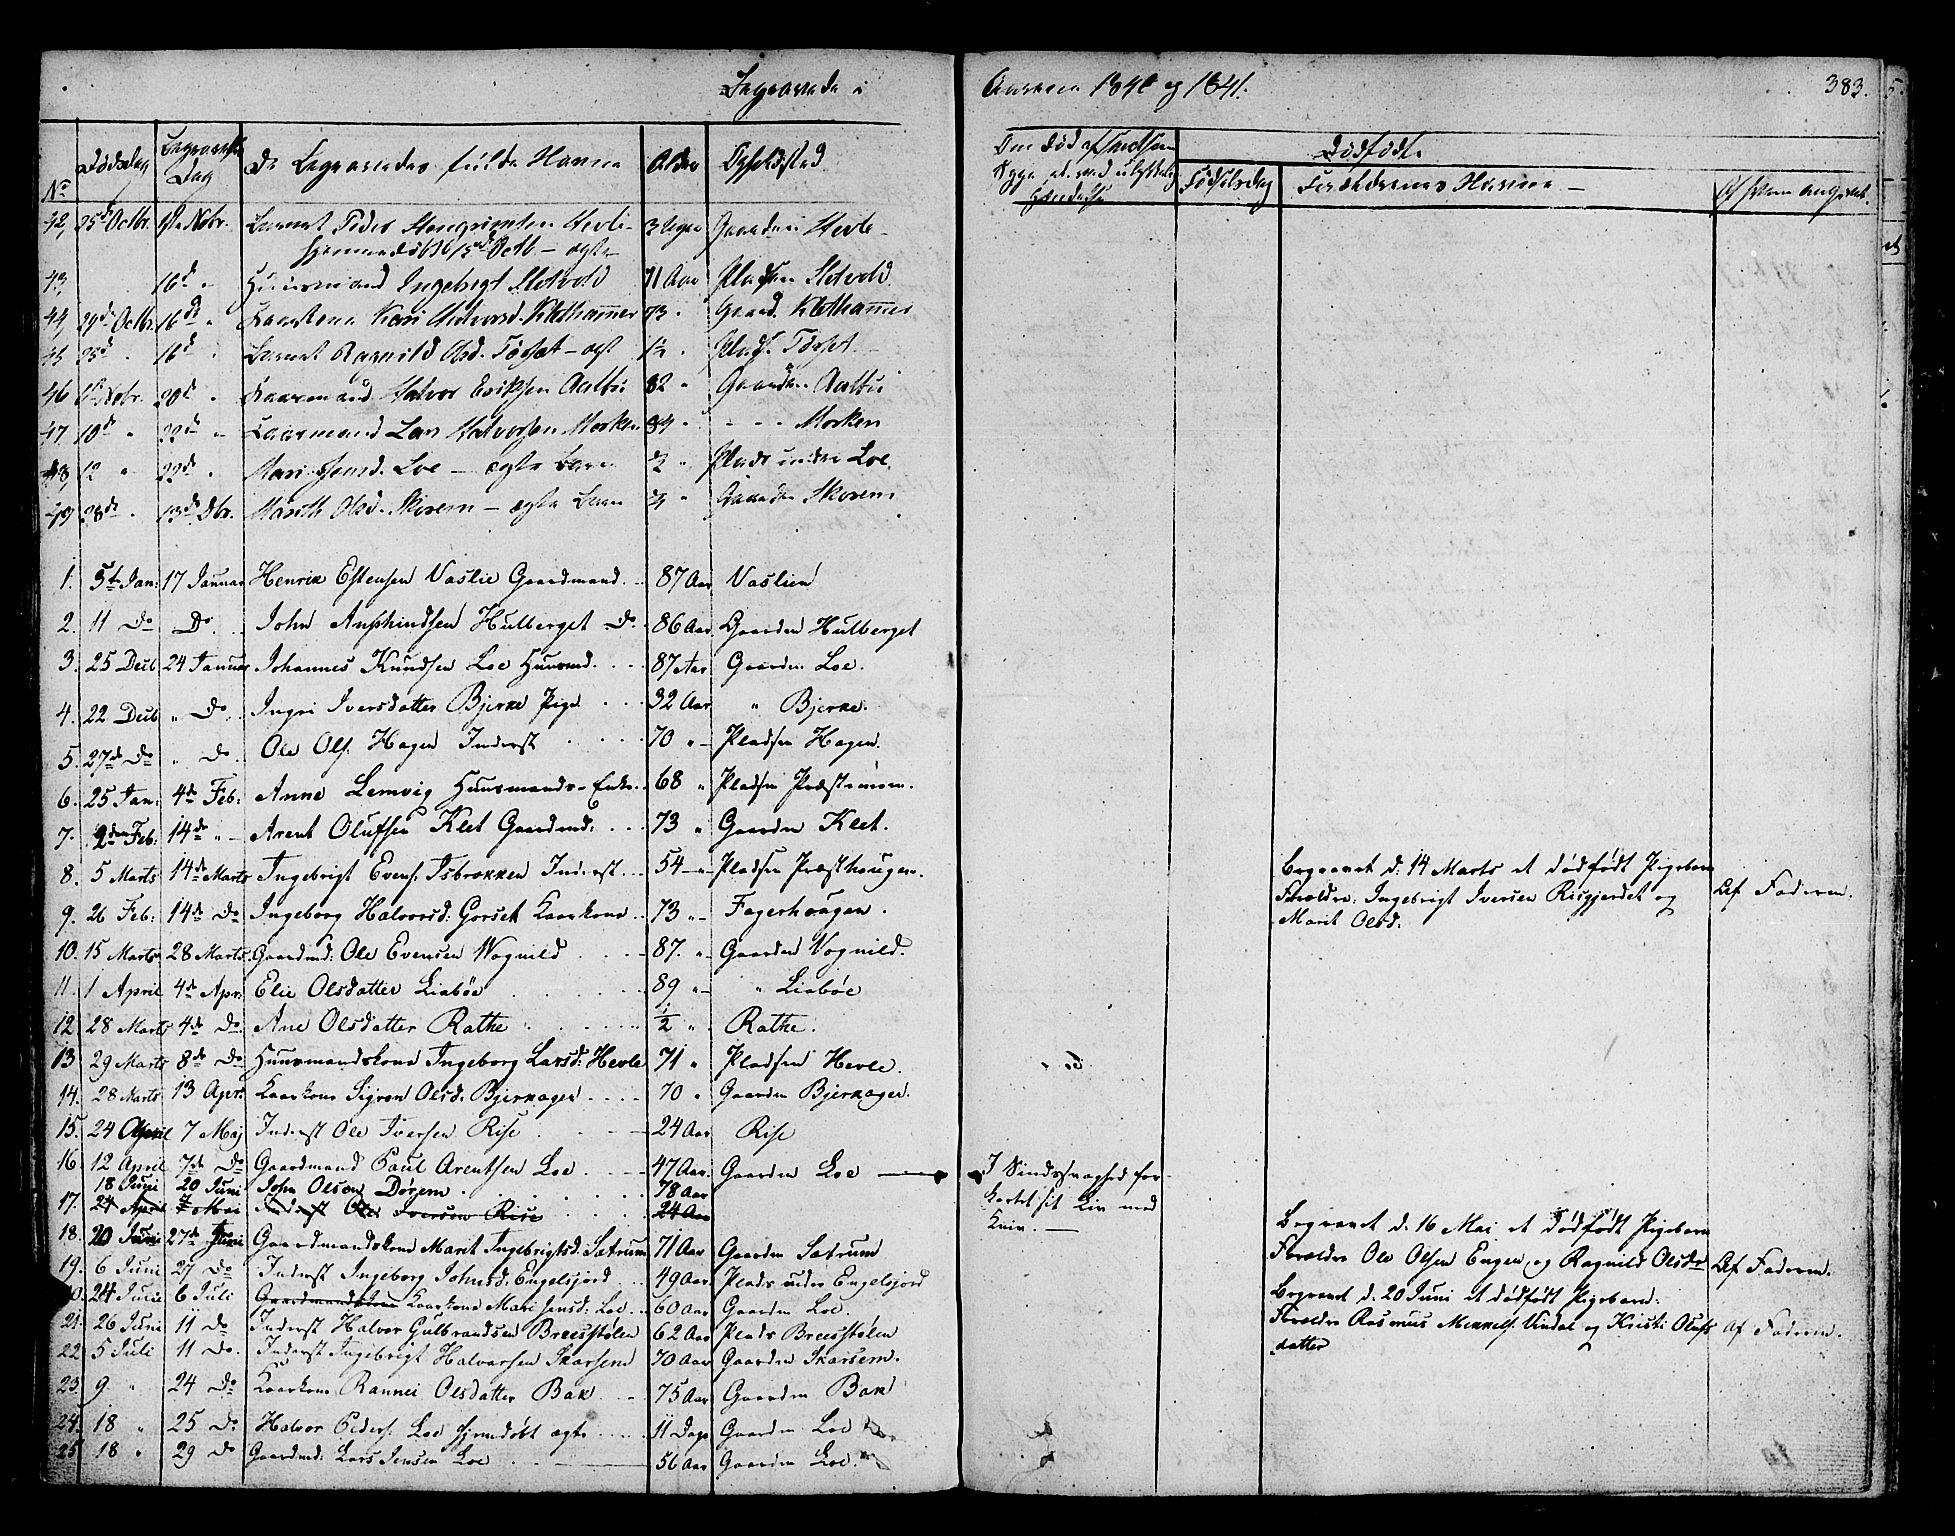 SAT, Ministerialprotokoller, klokkerbøker og fødselsregistre - Sør-Trøndelag, 678/L0897: Ministerialbok nr. 678A06-07, 1821-1847, s. 383